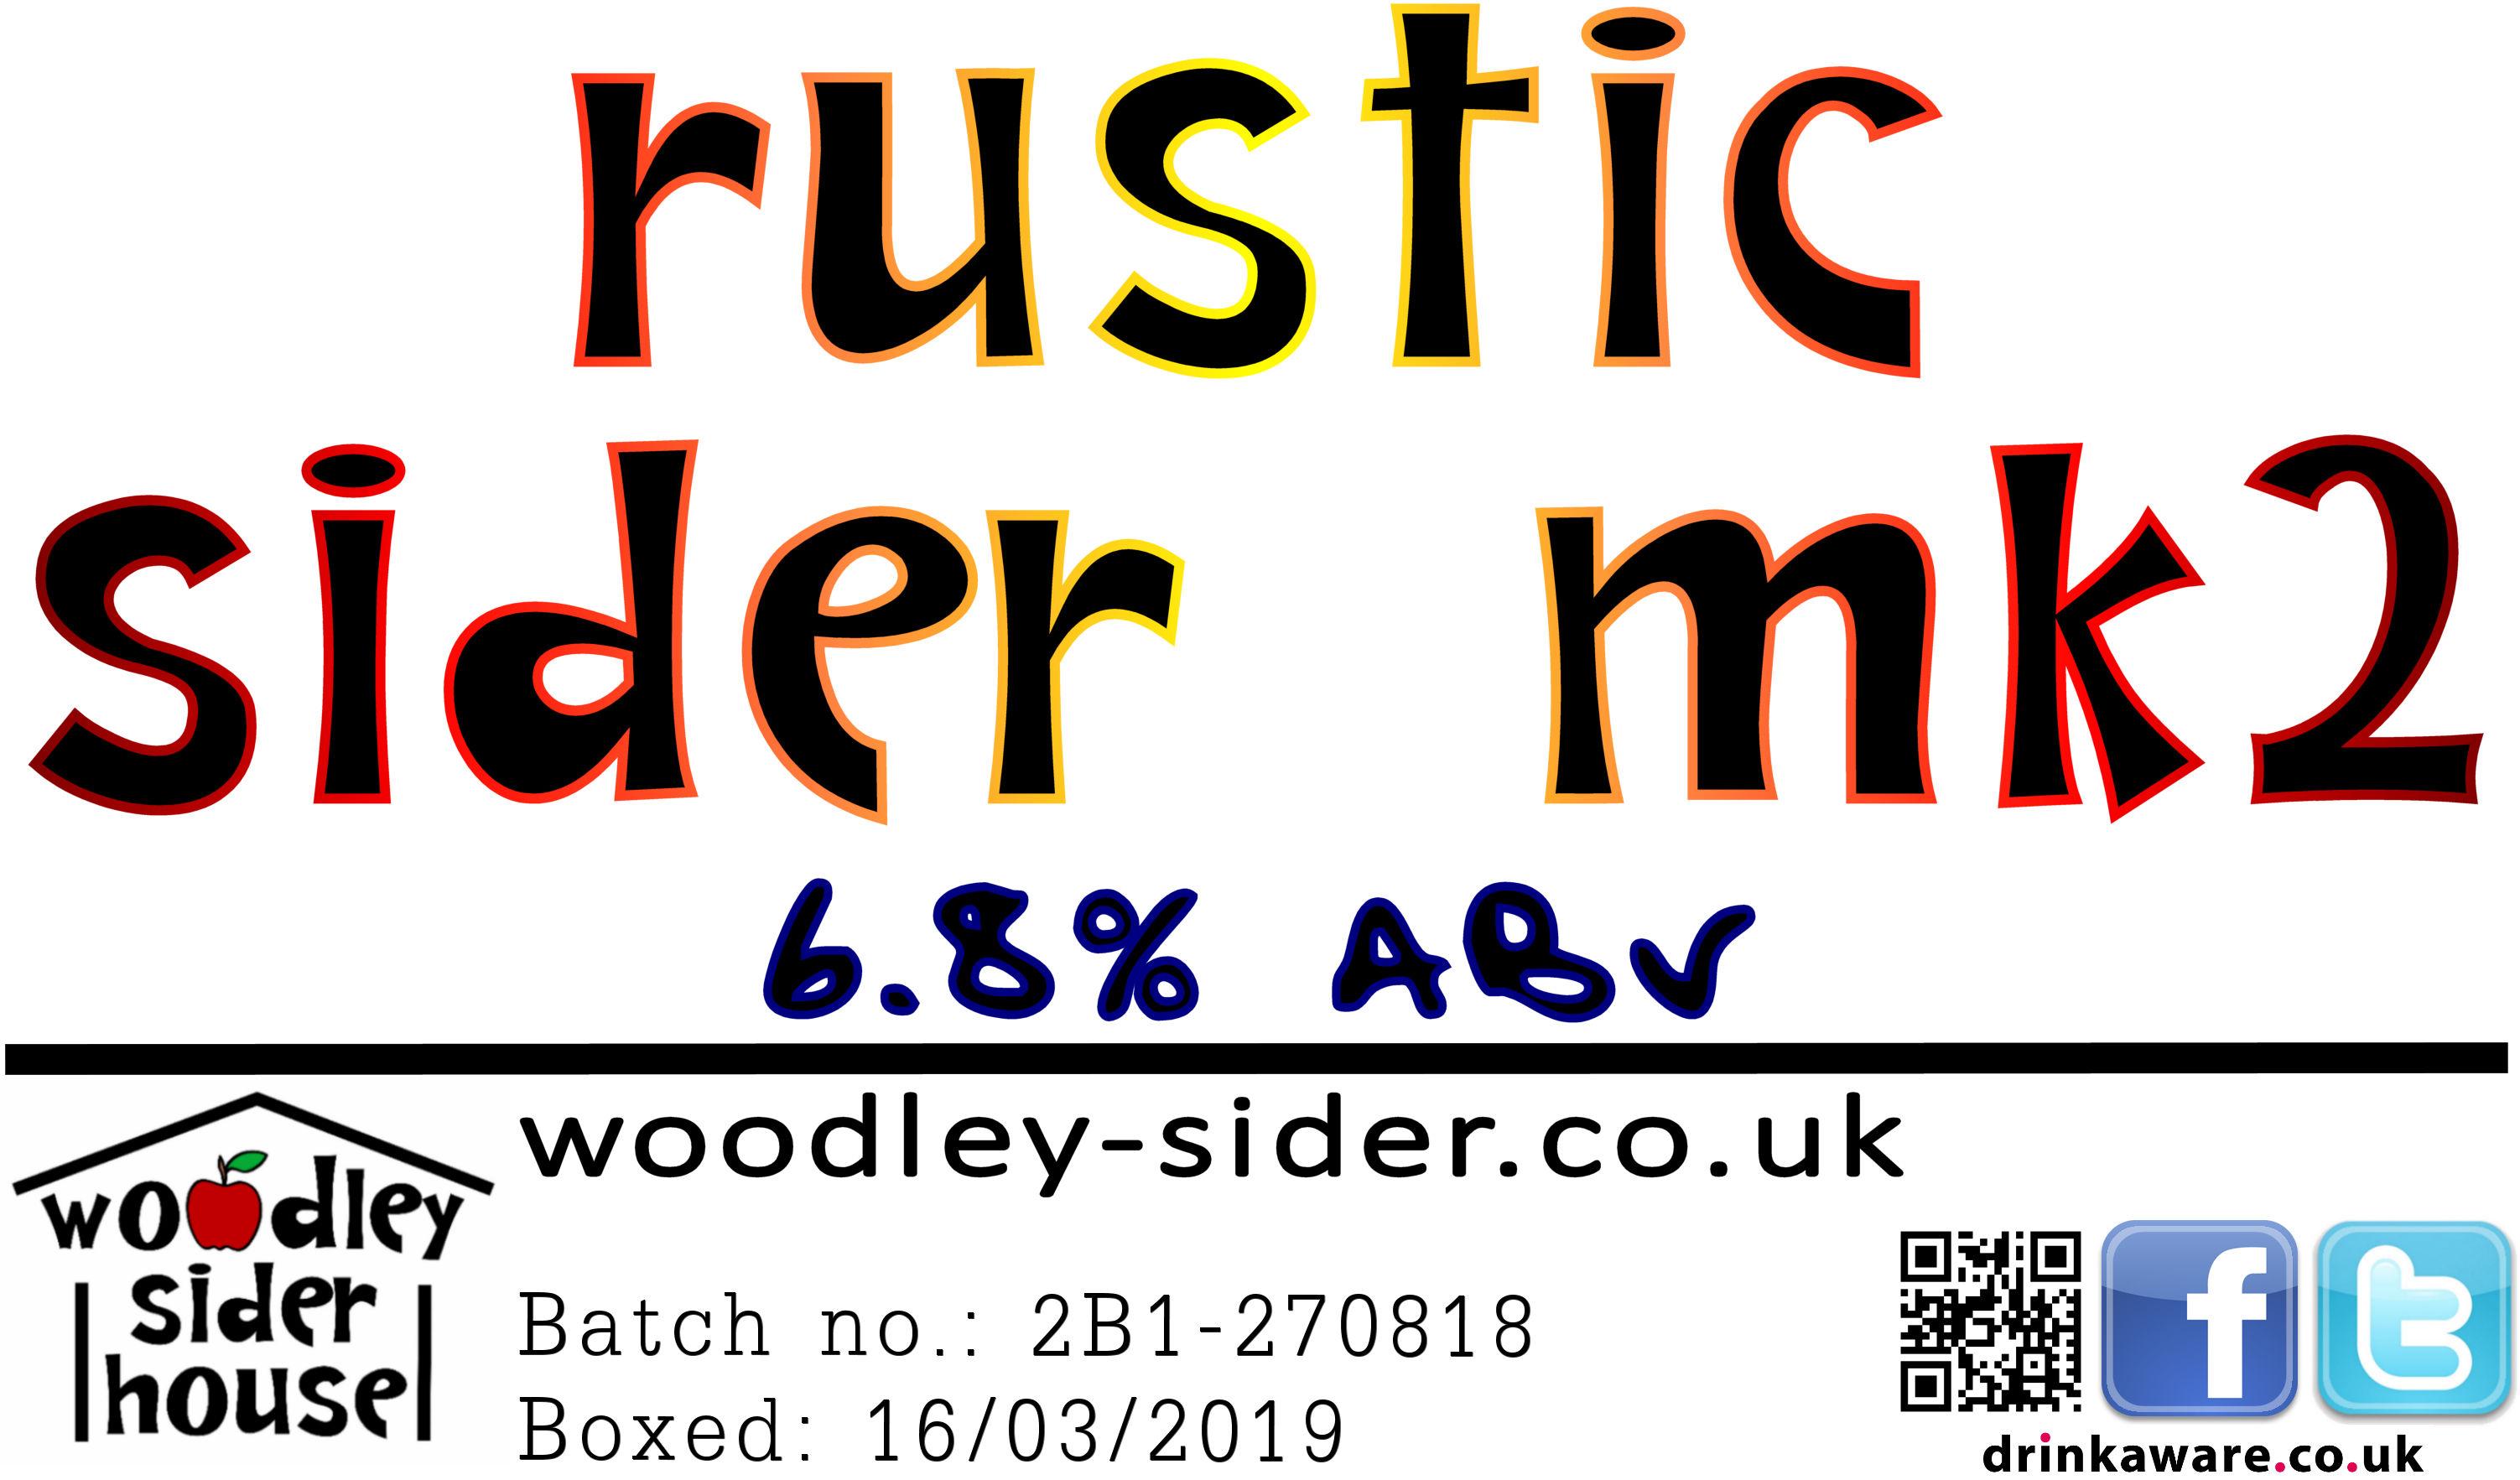 Rustic Sider Mk2